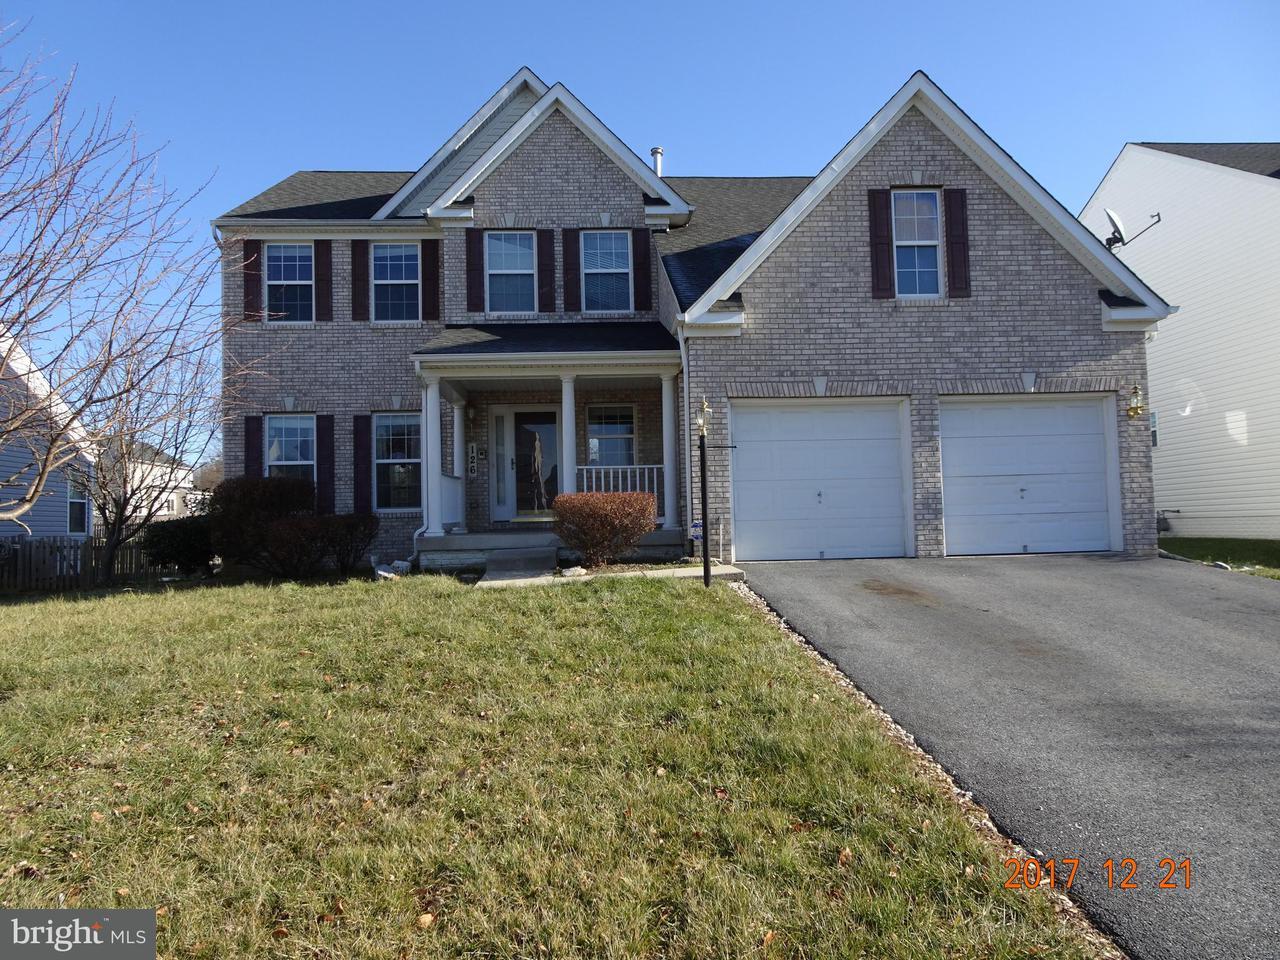 Μονοκατοικία για την Πώληση στο 126 GREENWICH Drive 126 GREENWICH Drive Walkersville, Μεριλαντ 21793 Ηνωμενεσ Πολιτειεσ